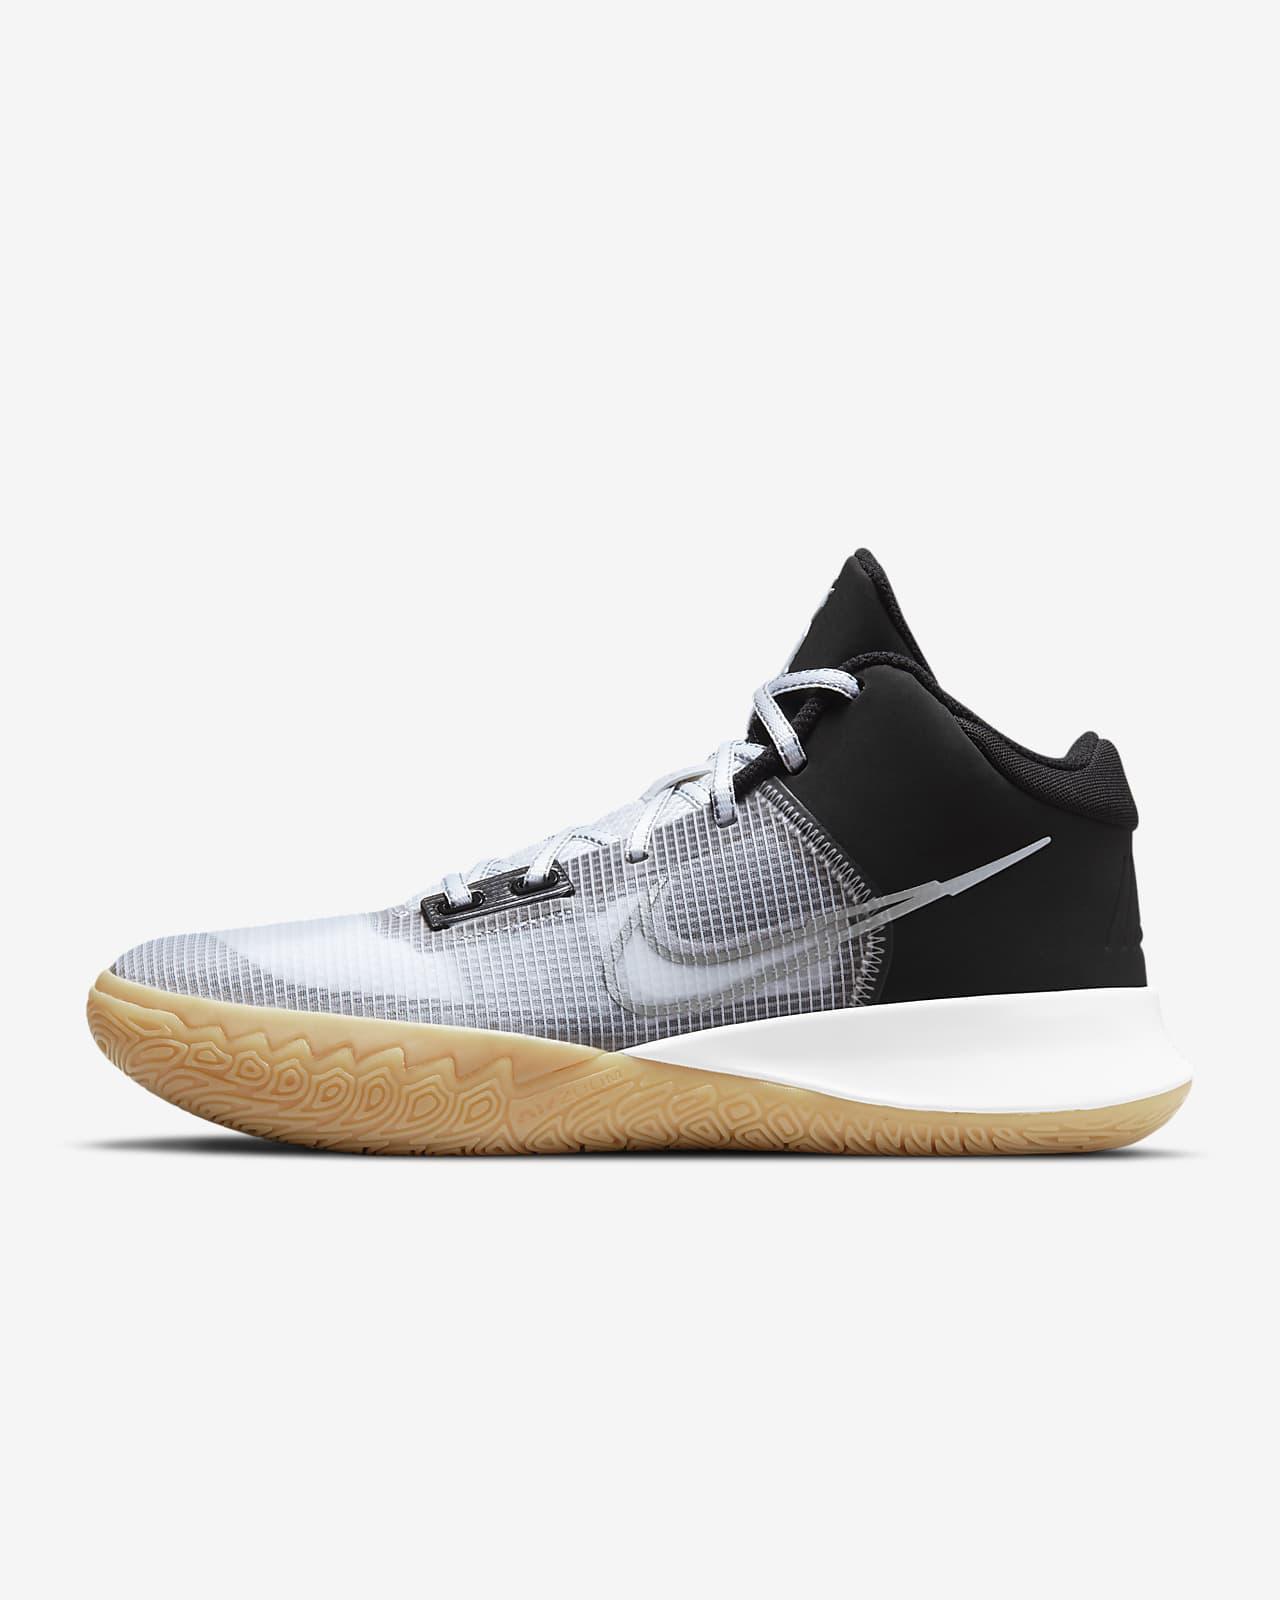 Παπούτσι μπάσκετ Kyrie Flytrap 4